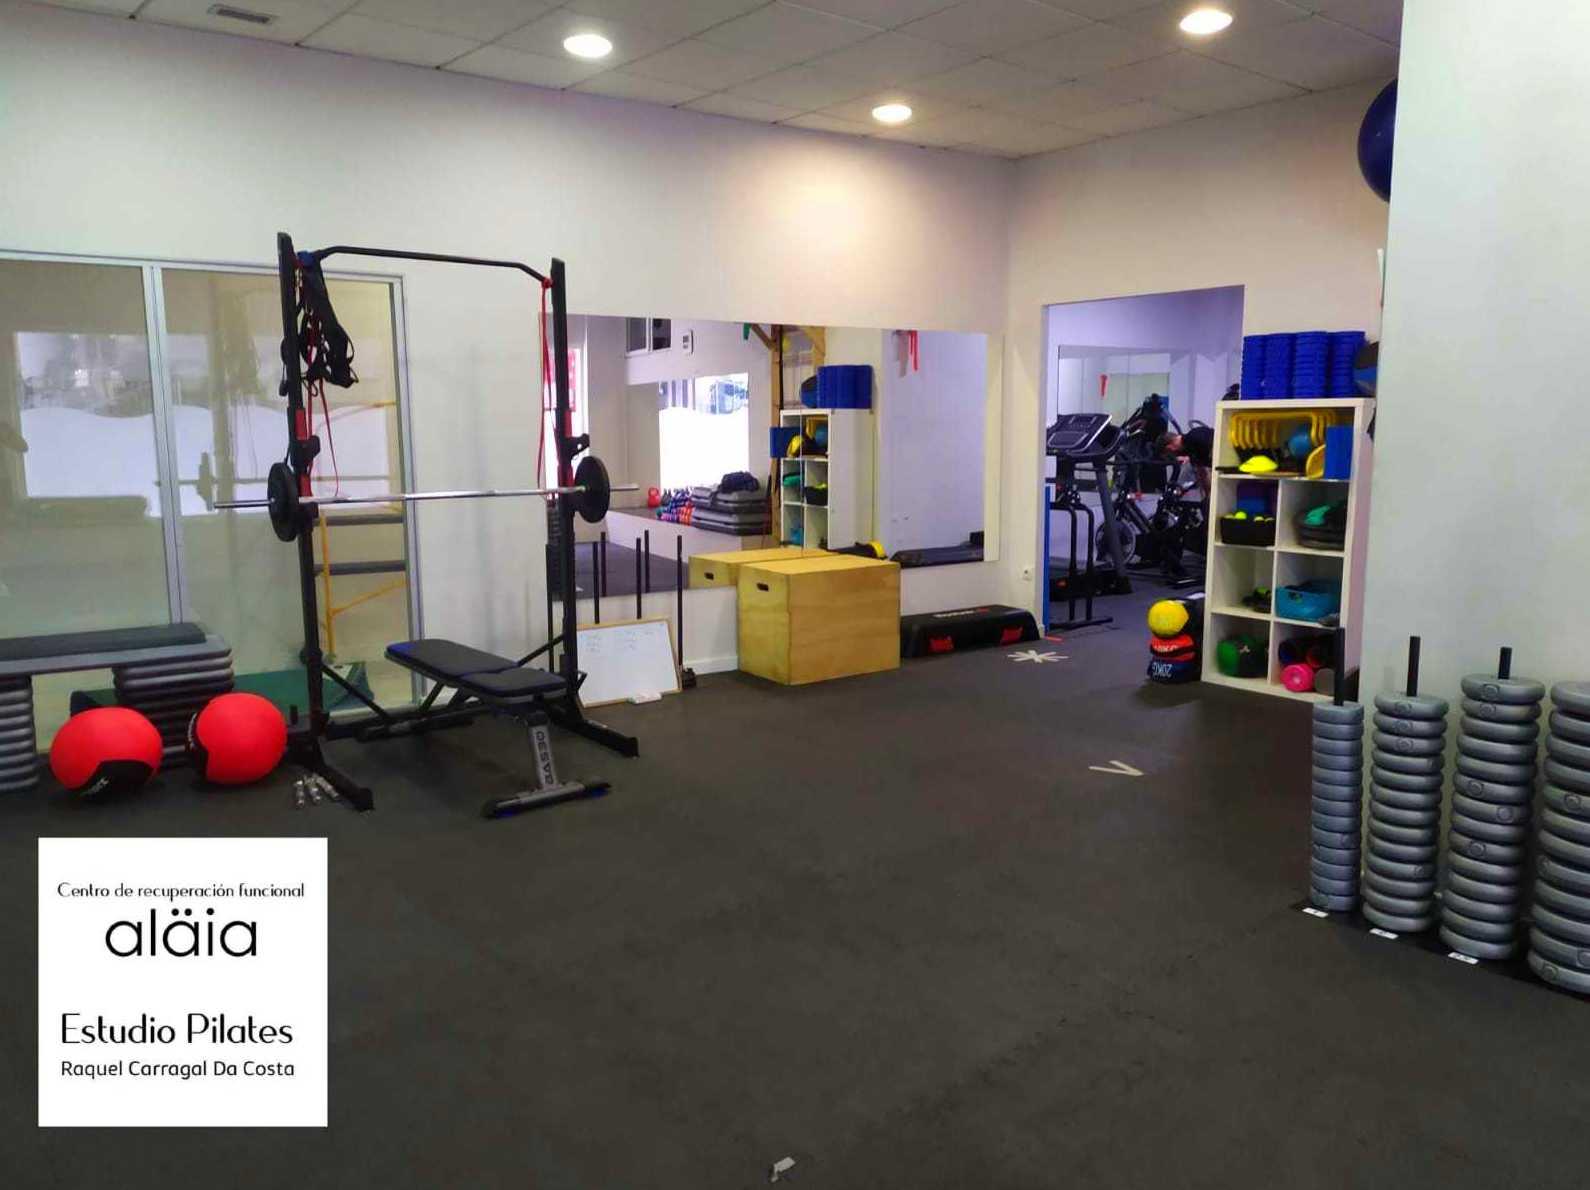 Foto 29 de Pilates, fitness y otras actividades físicas en Marín | Alaia salud y pilates